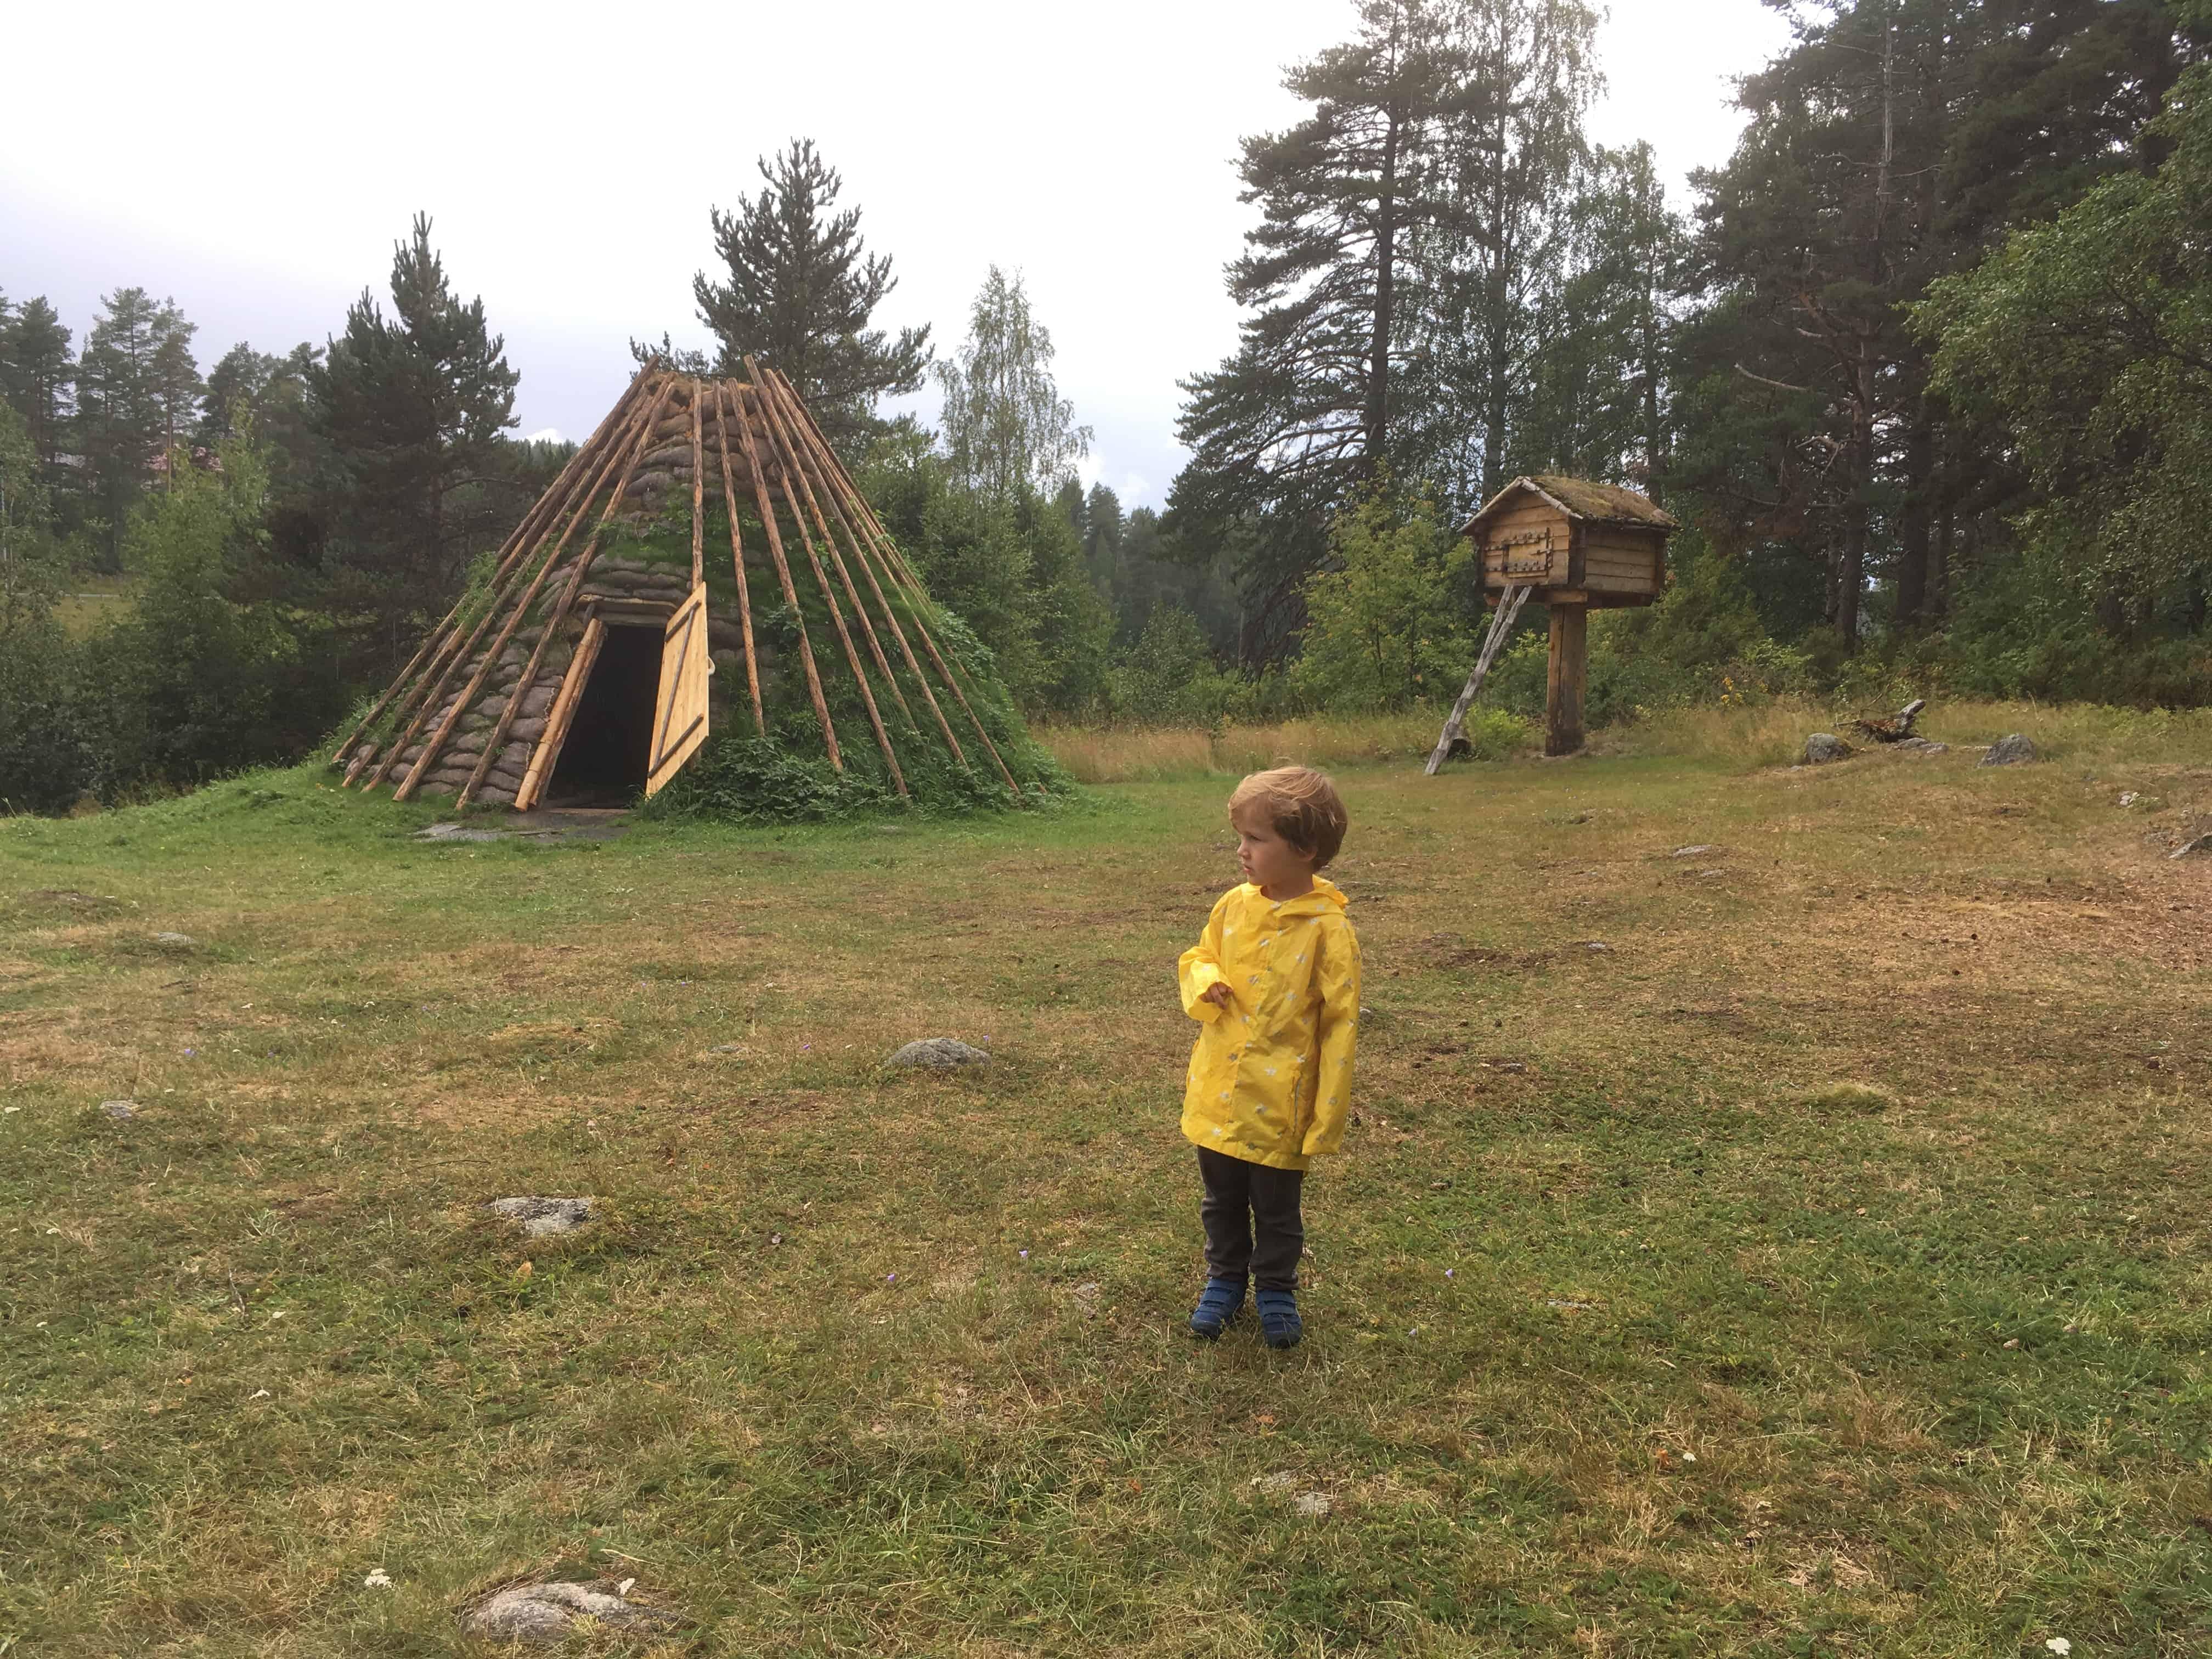 Zo woonden de Sami vroeger.